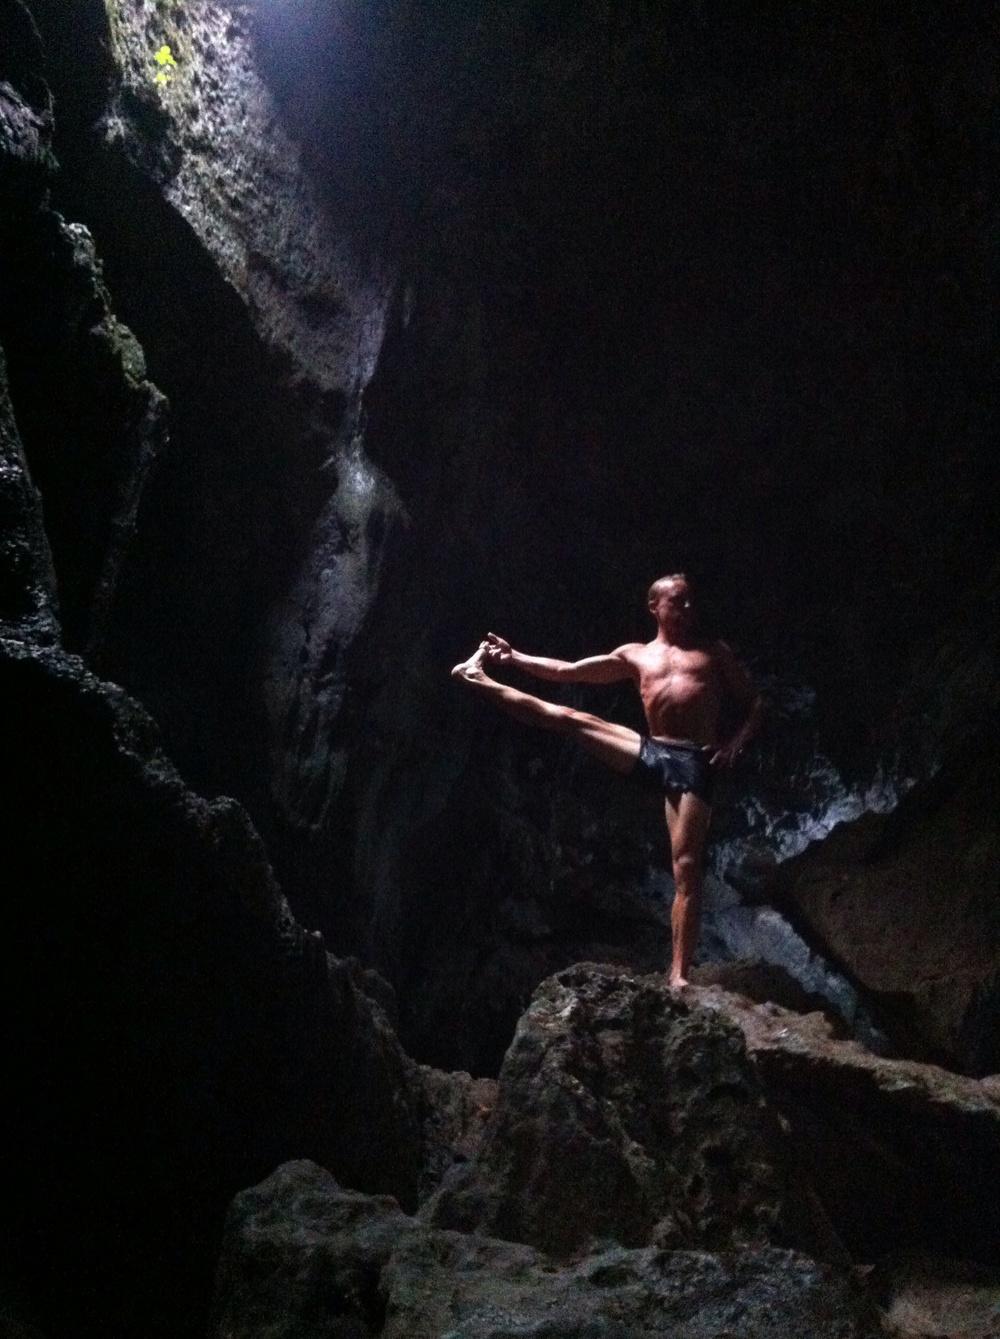 Yoga adventures in nature